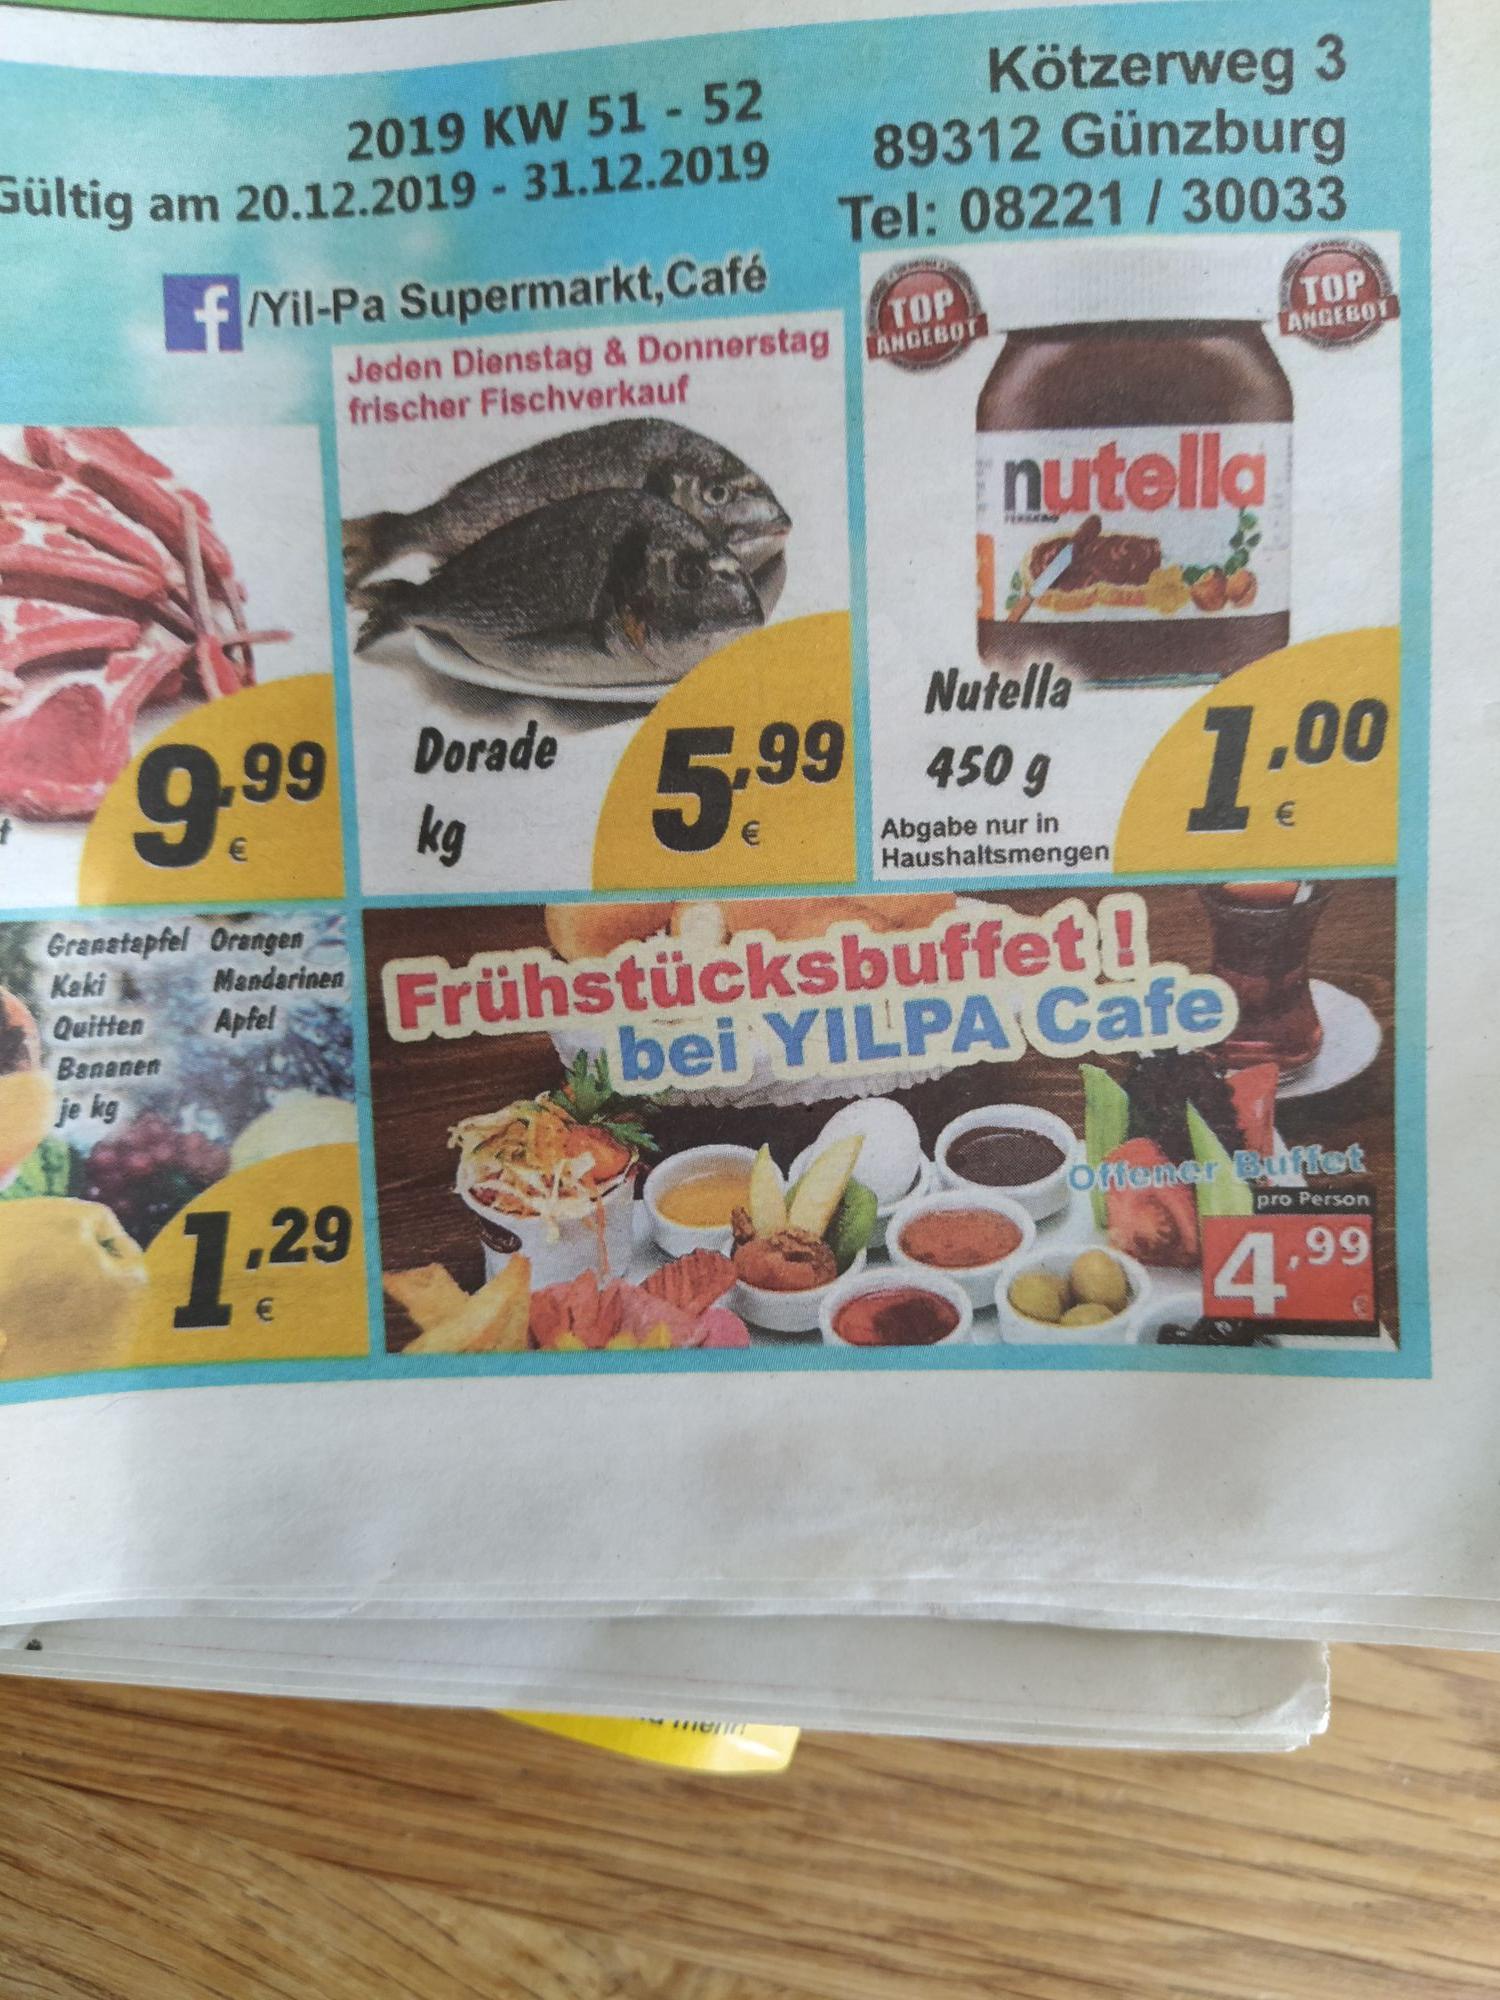 (Lokal Günzburg) Nutella 450g für 1€